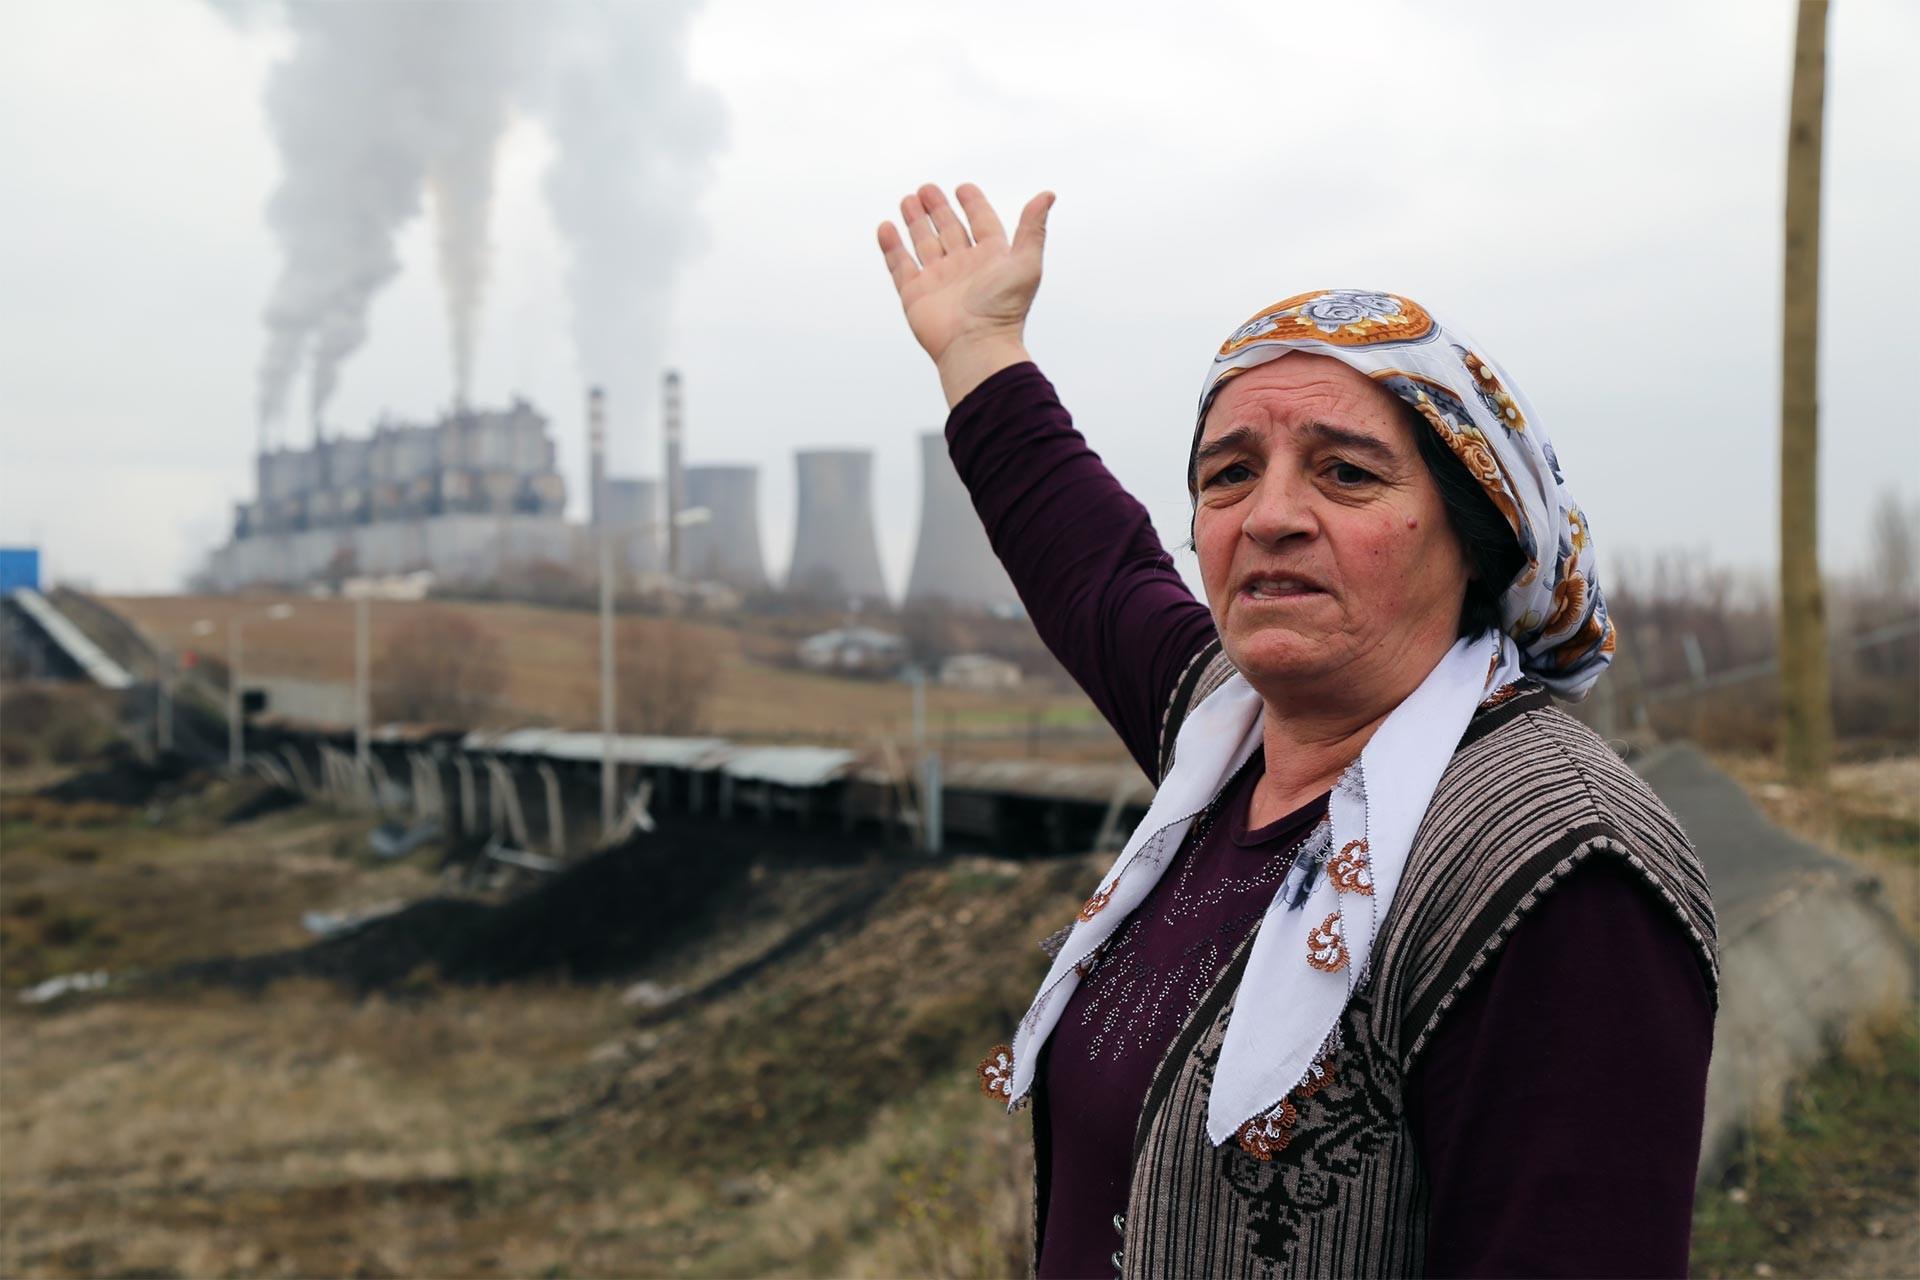 Termik santral önünde tepki gösteren mahalleli bir kadın